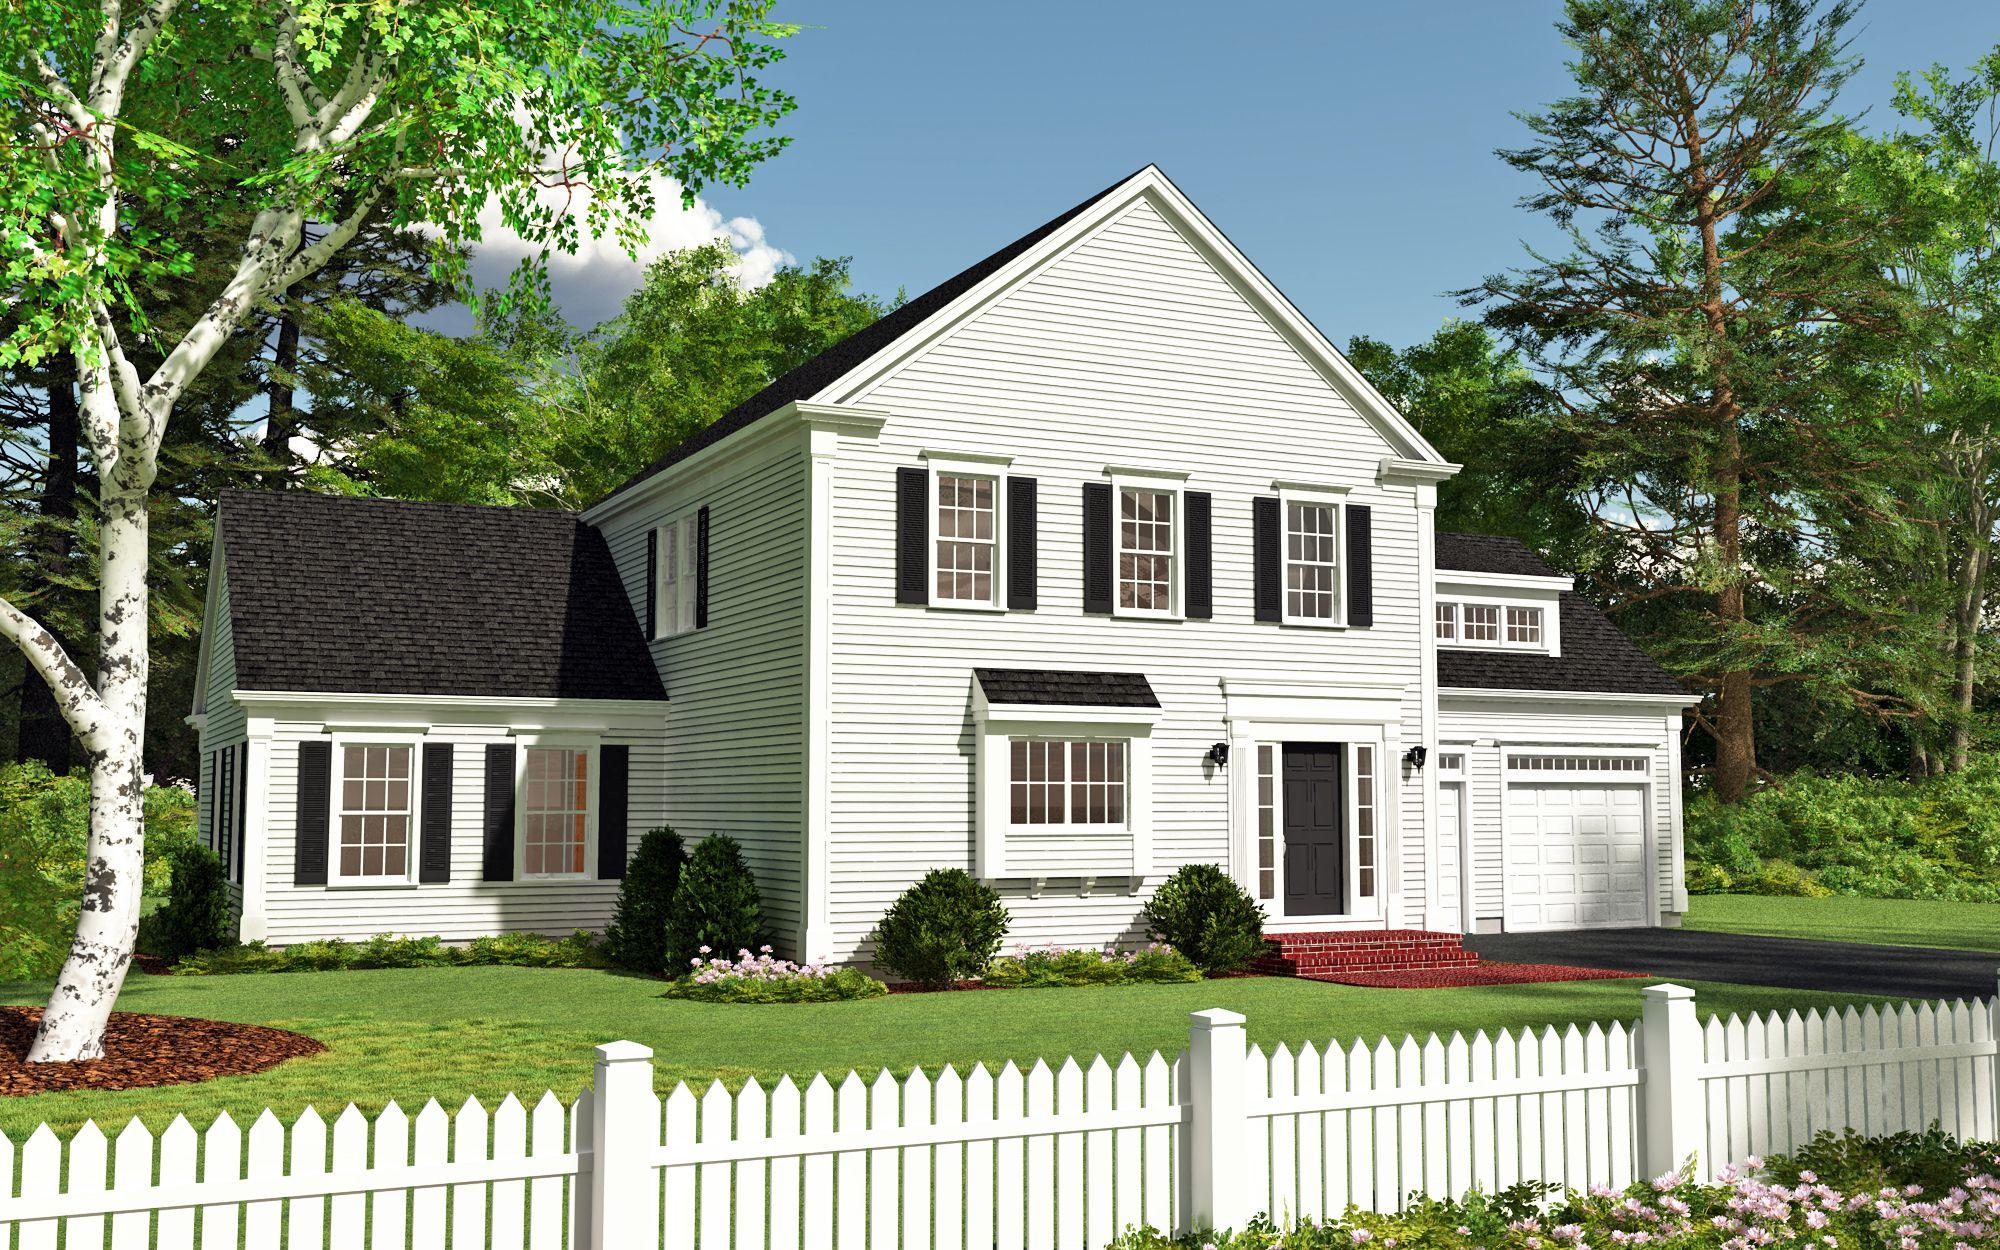 Cape cod home design plans – House style ideas